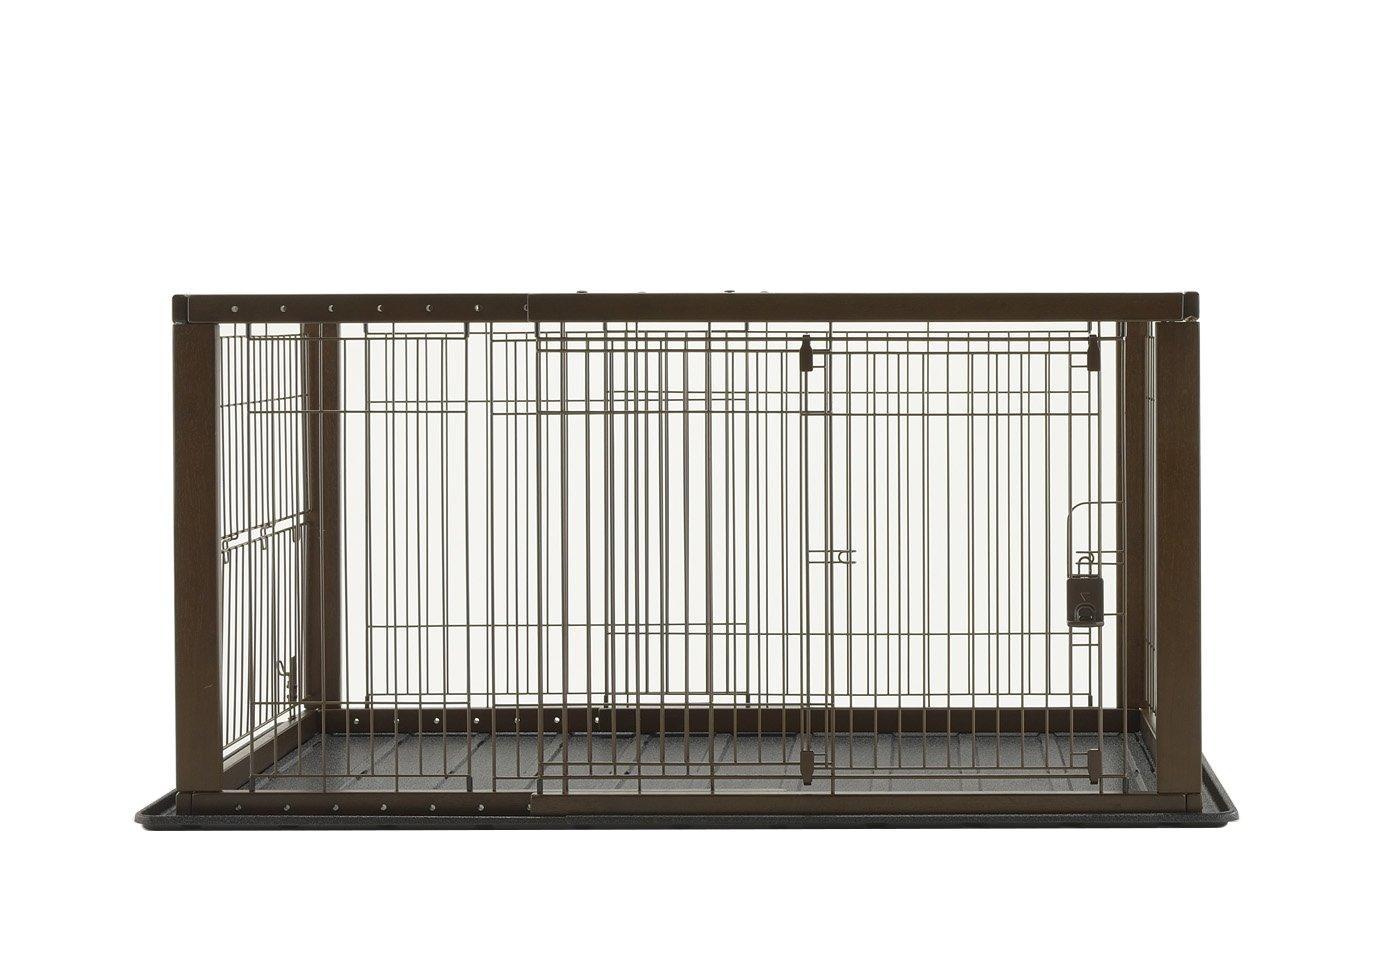 (ha046)Richell(リッチェル) 木製スライドペットサークル ワイド 小型犬・中型犬用 【ダークブラウン】【smtb-s】